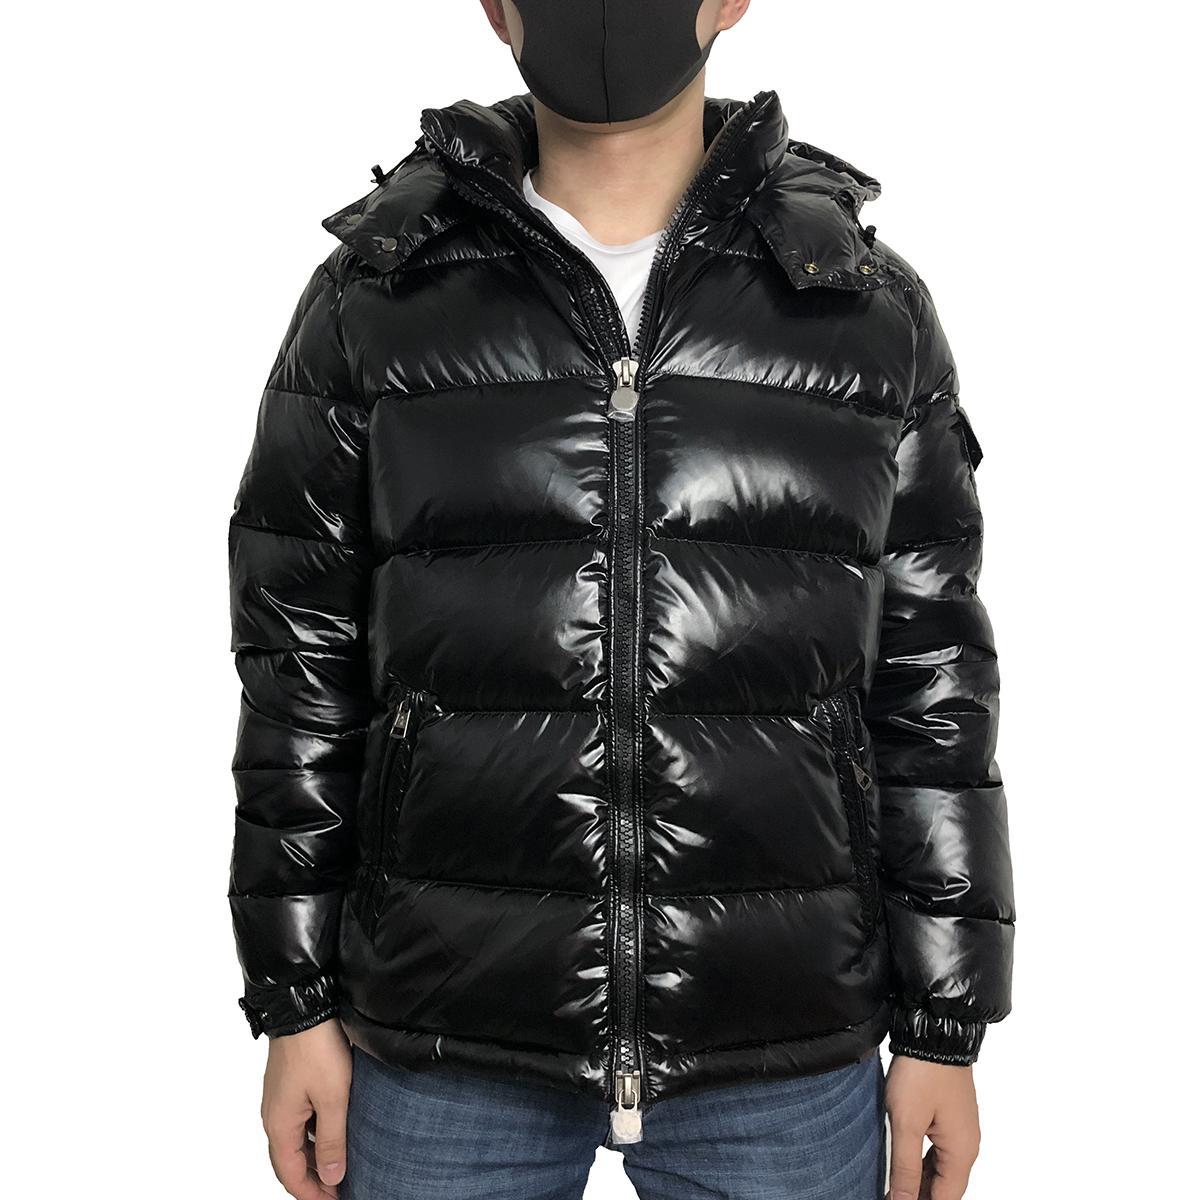 hommes capuche veste vers le bas pour hommes Parkas duvet de canard blanc manteau noir bleu de style veste orange hommes vers le bas l'homme S-XXXL (UK S = CN L)